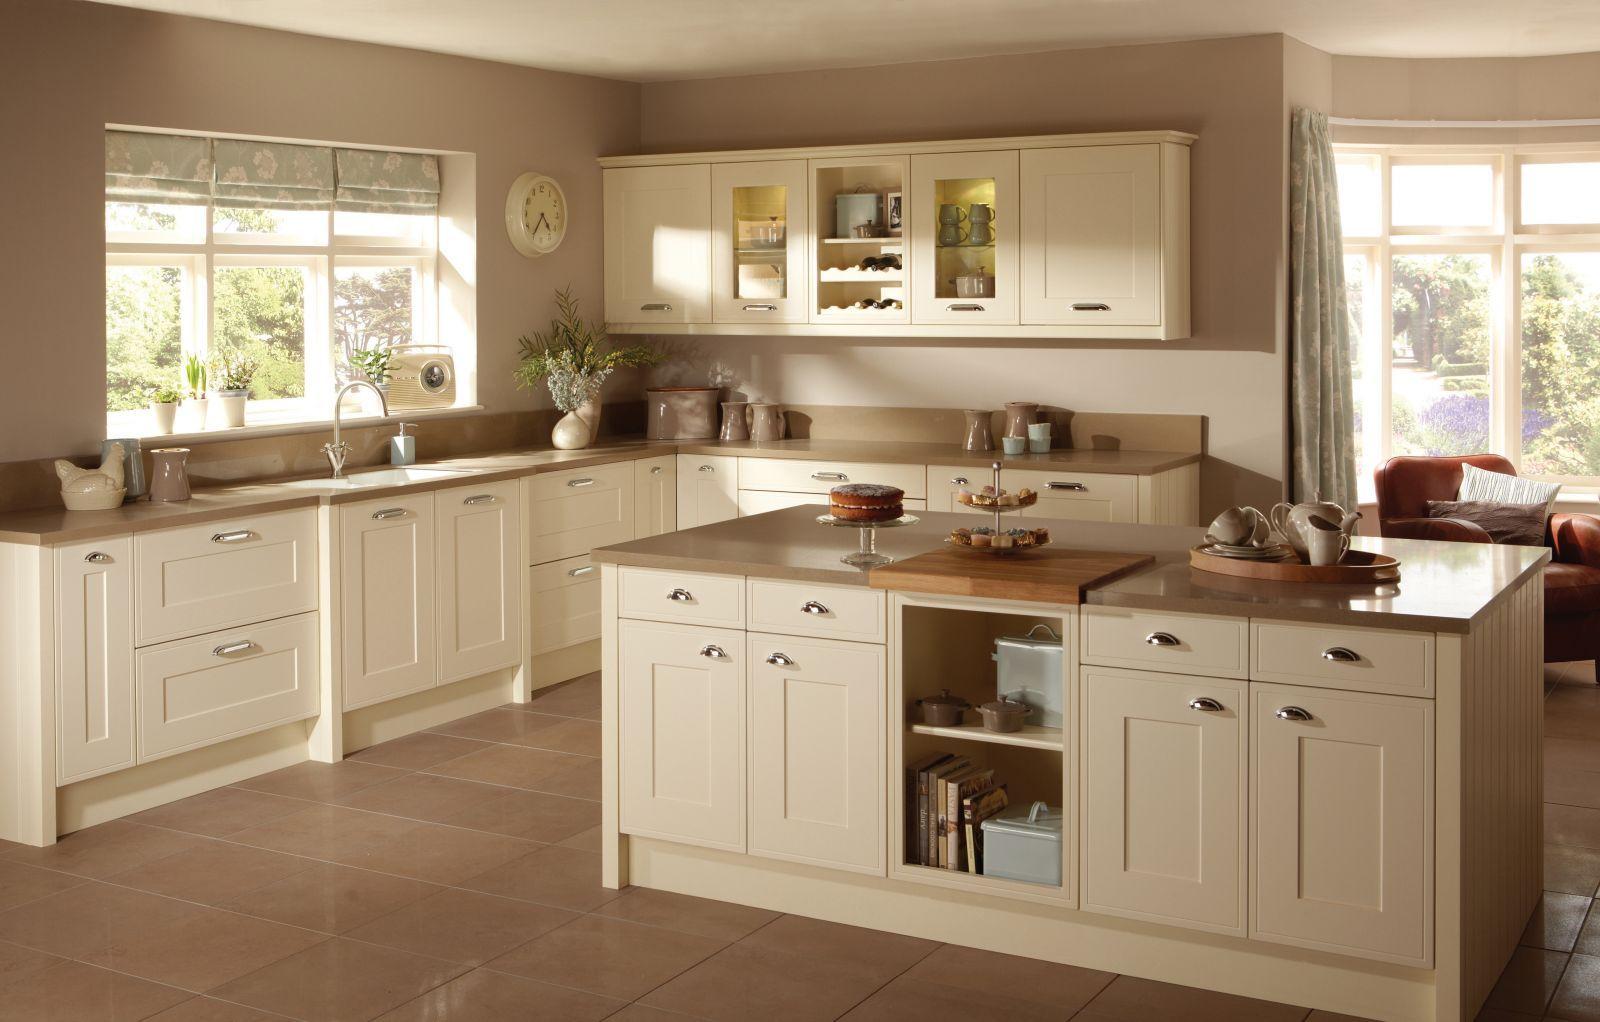 Kitchen Decoration Pleasing Kitchen Decorating Ideas White Kitchen New Designs Of Kitchen Cabinets Decorating Design